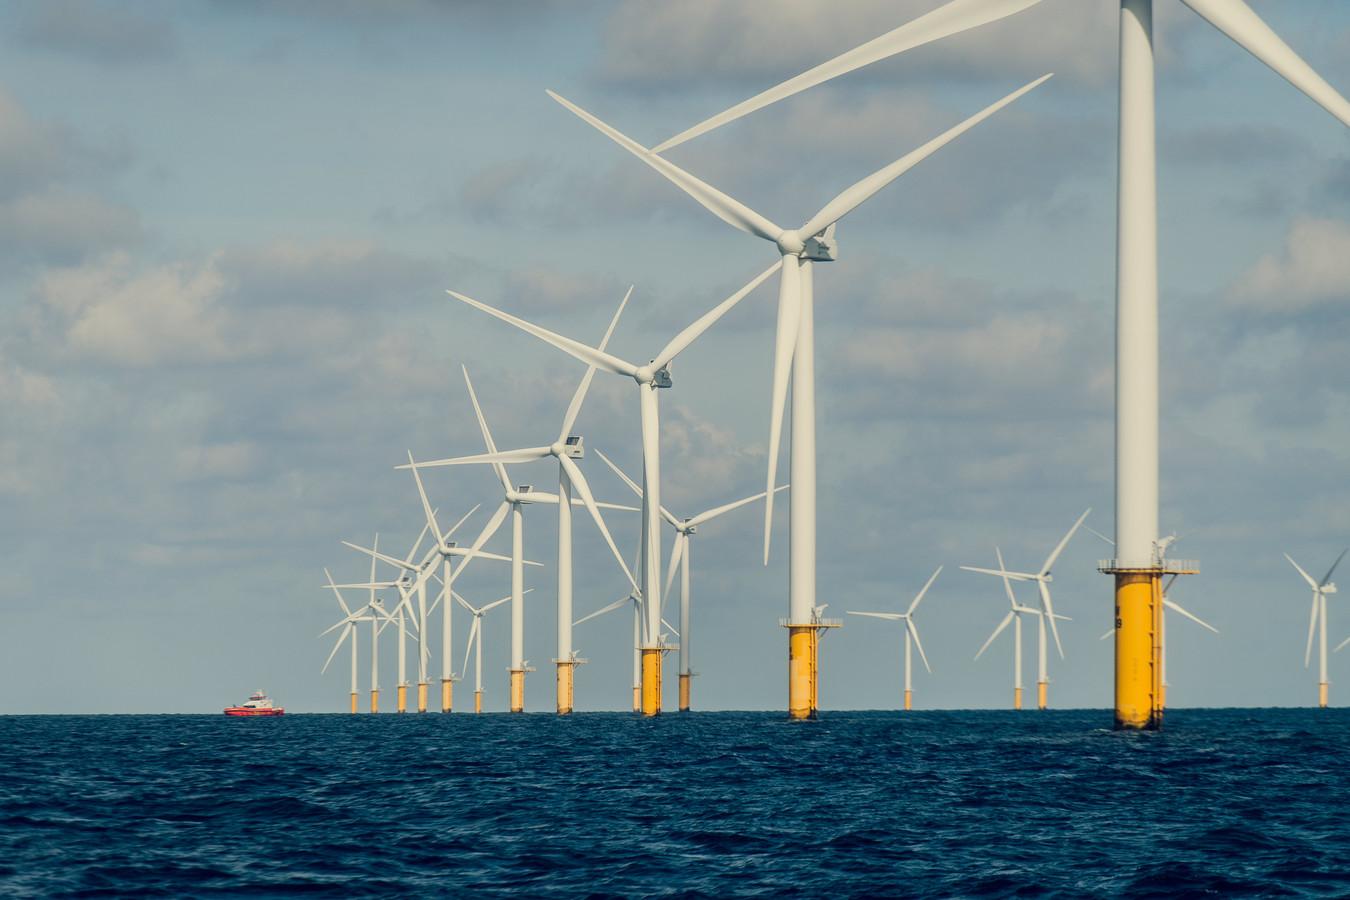 Het zeilbootje werd geklist in de buurt van het windmolenpark op de Noordzee.